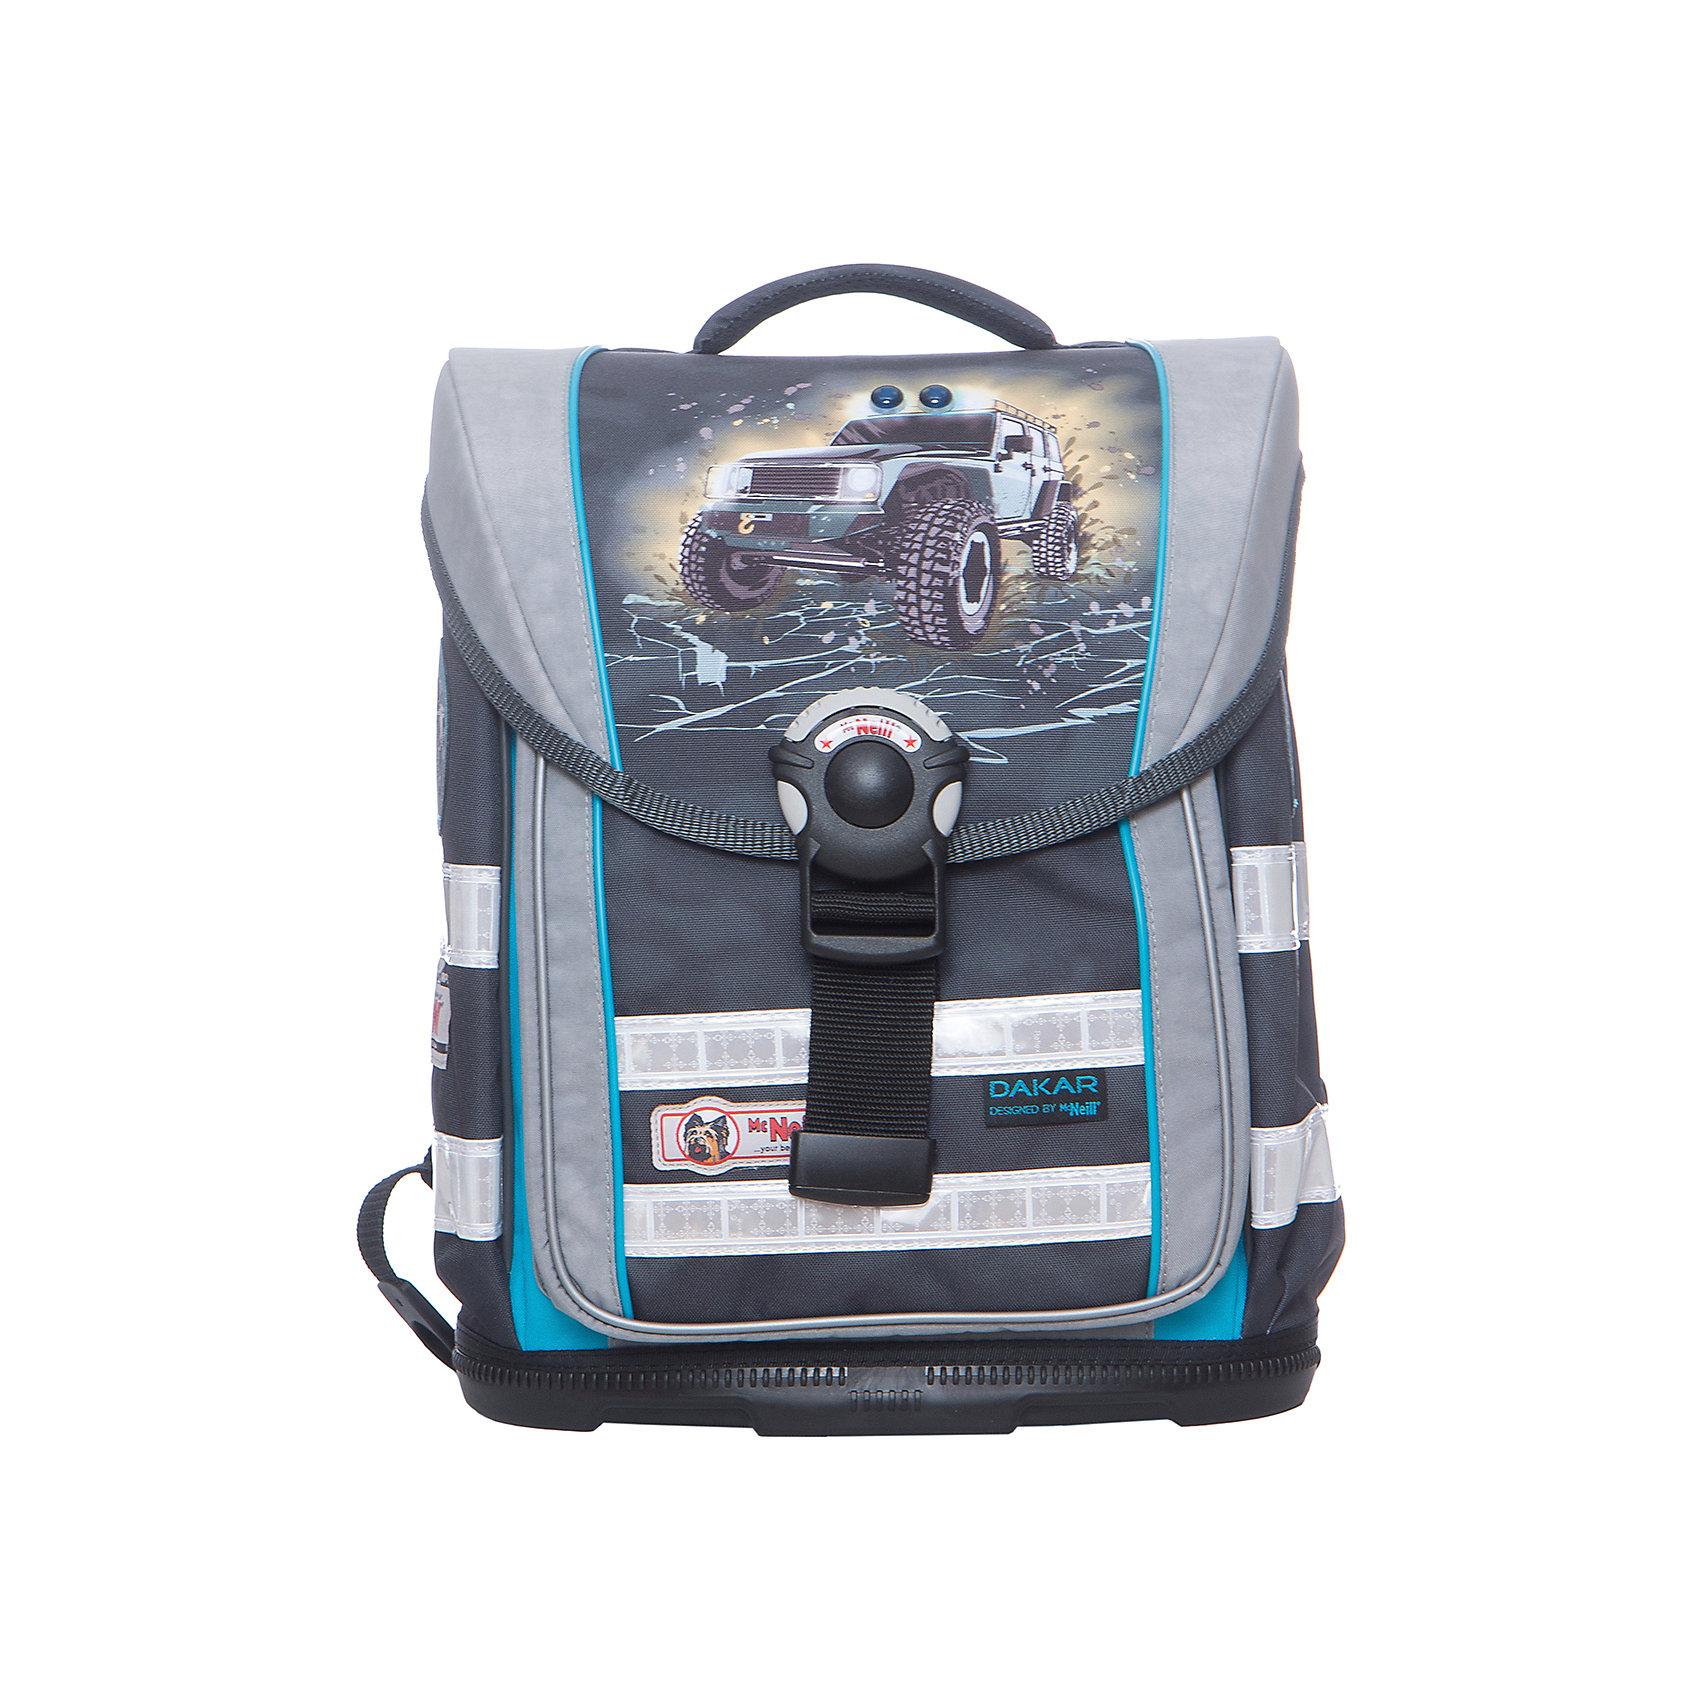 MC Neill Школьный рюкзак ERGO Light COMPACT ДакарРанцы<br>Вместимость 19,5 л,  вес ранца 1100 гр, удобный замок, боковые потайные карманы на молниях, дно из особо прочного пластика, ортопедическая спина, регулируемые ремни на мягких подушках.  31*38*20см<br><br>Ширина мм: 31<br>Глубина мм: 38<br>Высота мм: 20<br>Вес г: 1200<br>Возраст от месяцев: 72<br>Возраст до месяцев: 120<br>Пол: Мужской<br>Возраст: Детский<br>SKU: 6878776